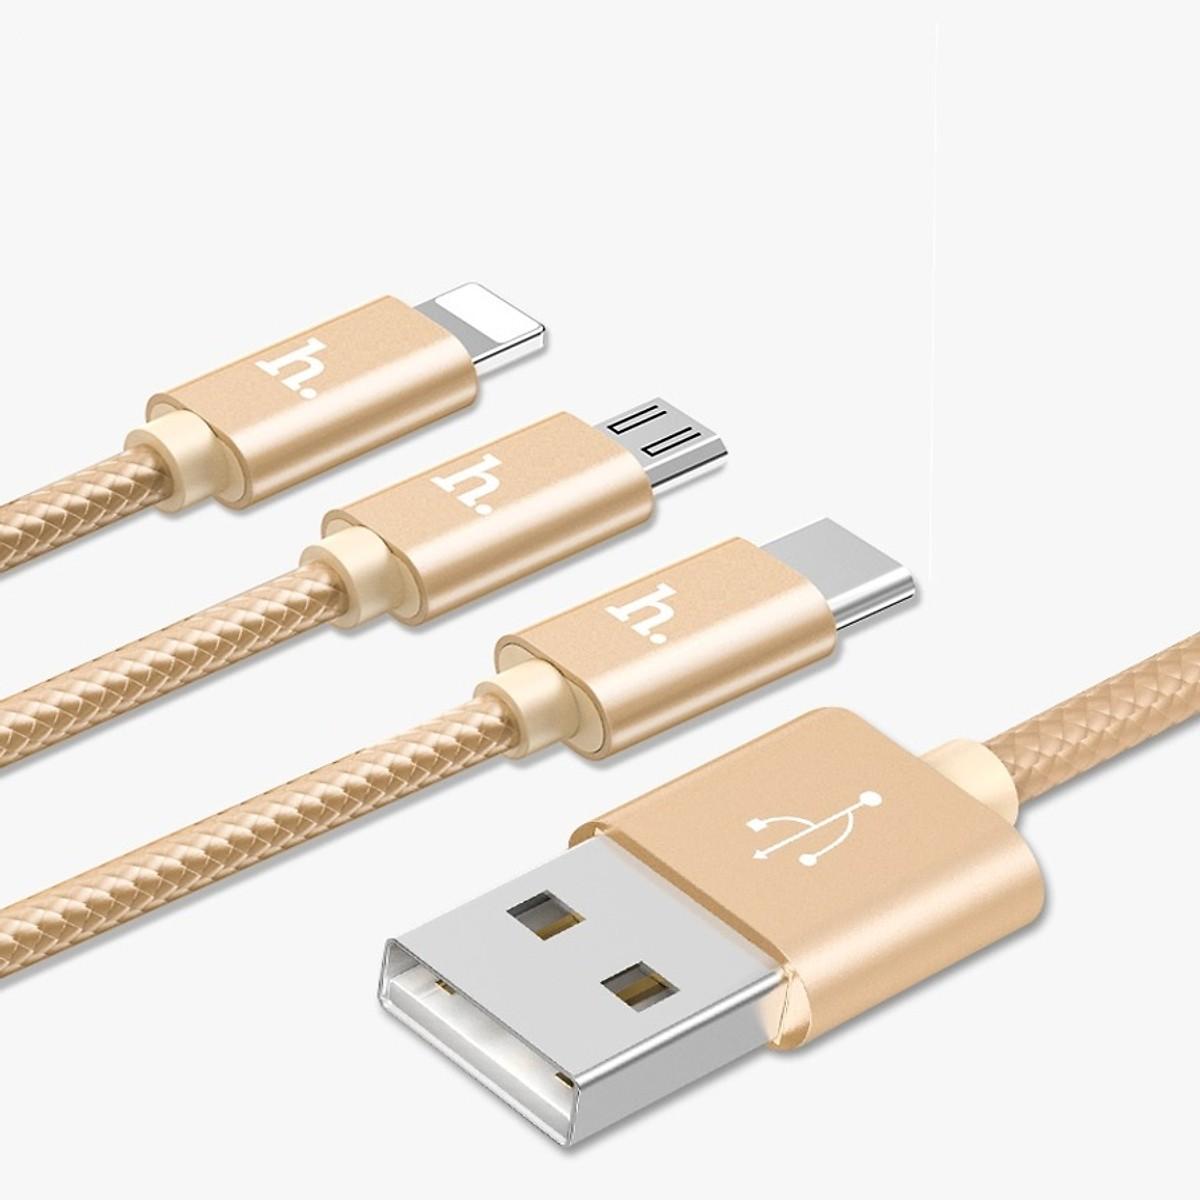 Cáp sạc siêu bền Hoco 3 đầu (Lightning - Micro USB - Type C) Hoco X2 dài 1m (Gold) - Hàng chính hãng - 16027053 , 2094871226544 , 62_21129590 , 110000 , Cap-sac-sieu-ben-Hoco-3-dau-Lightning-Micro-USB-Type-C-Hoco-X2-dai-1m-Gold-Hang-chinh-hang-62_21129590 , tiki.vn , Cáp sạc siêu bền Hoco 3 đầu (Lightning - Micro USB - Type C) Hoco X2 dài 1m (Gold) -